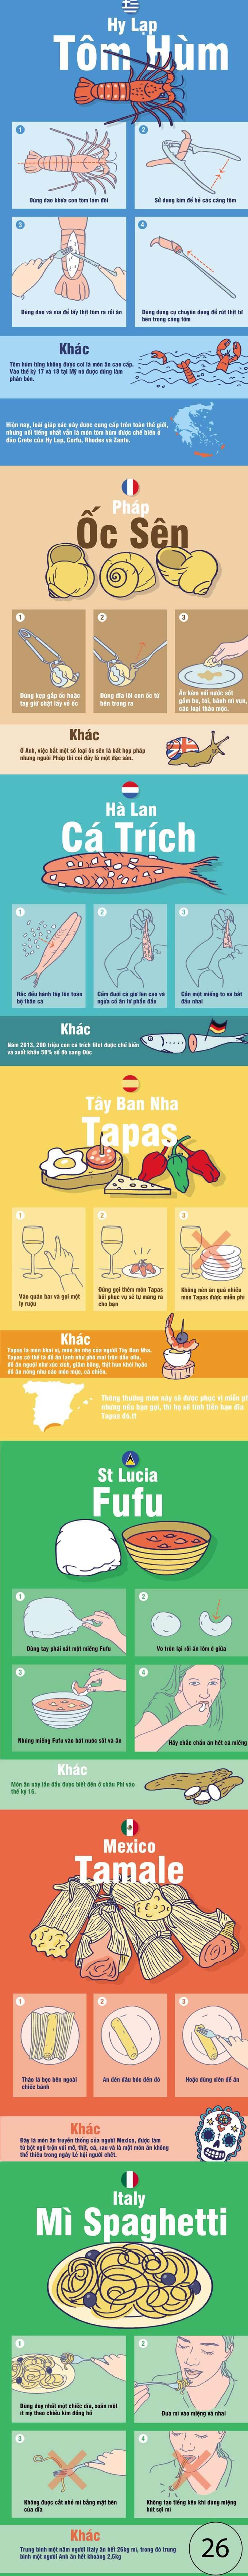 Bí kíp giúp bạn tự tin ăn uống khi đi du lịch